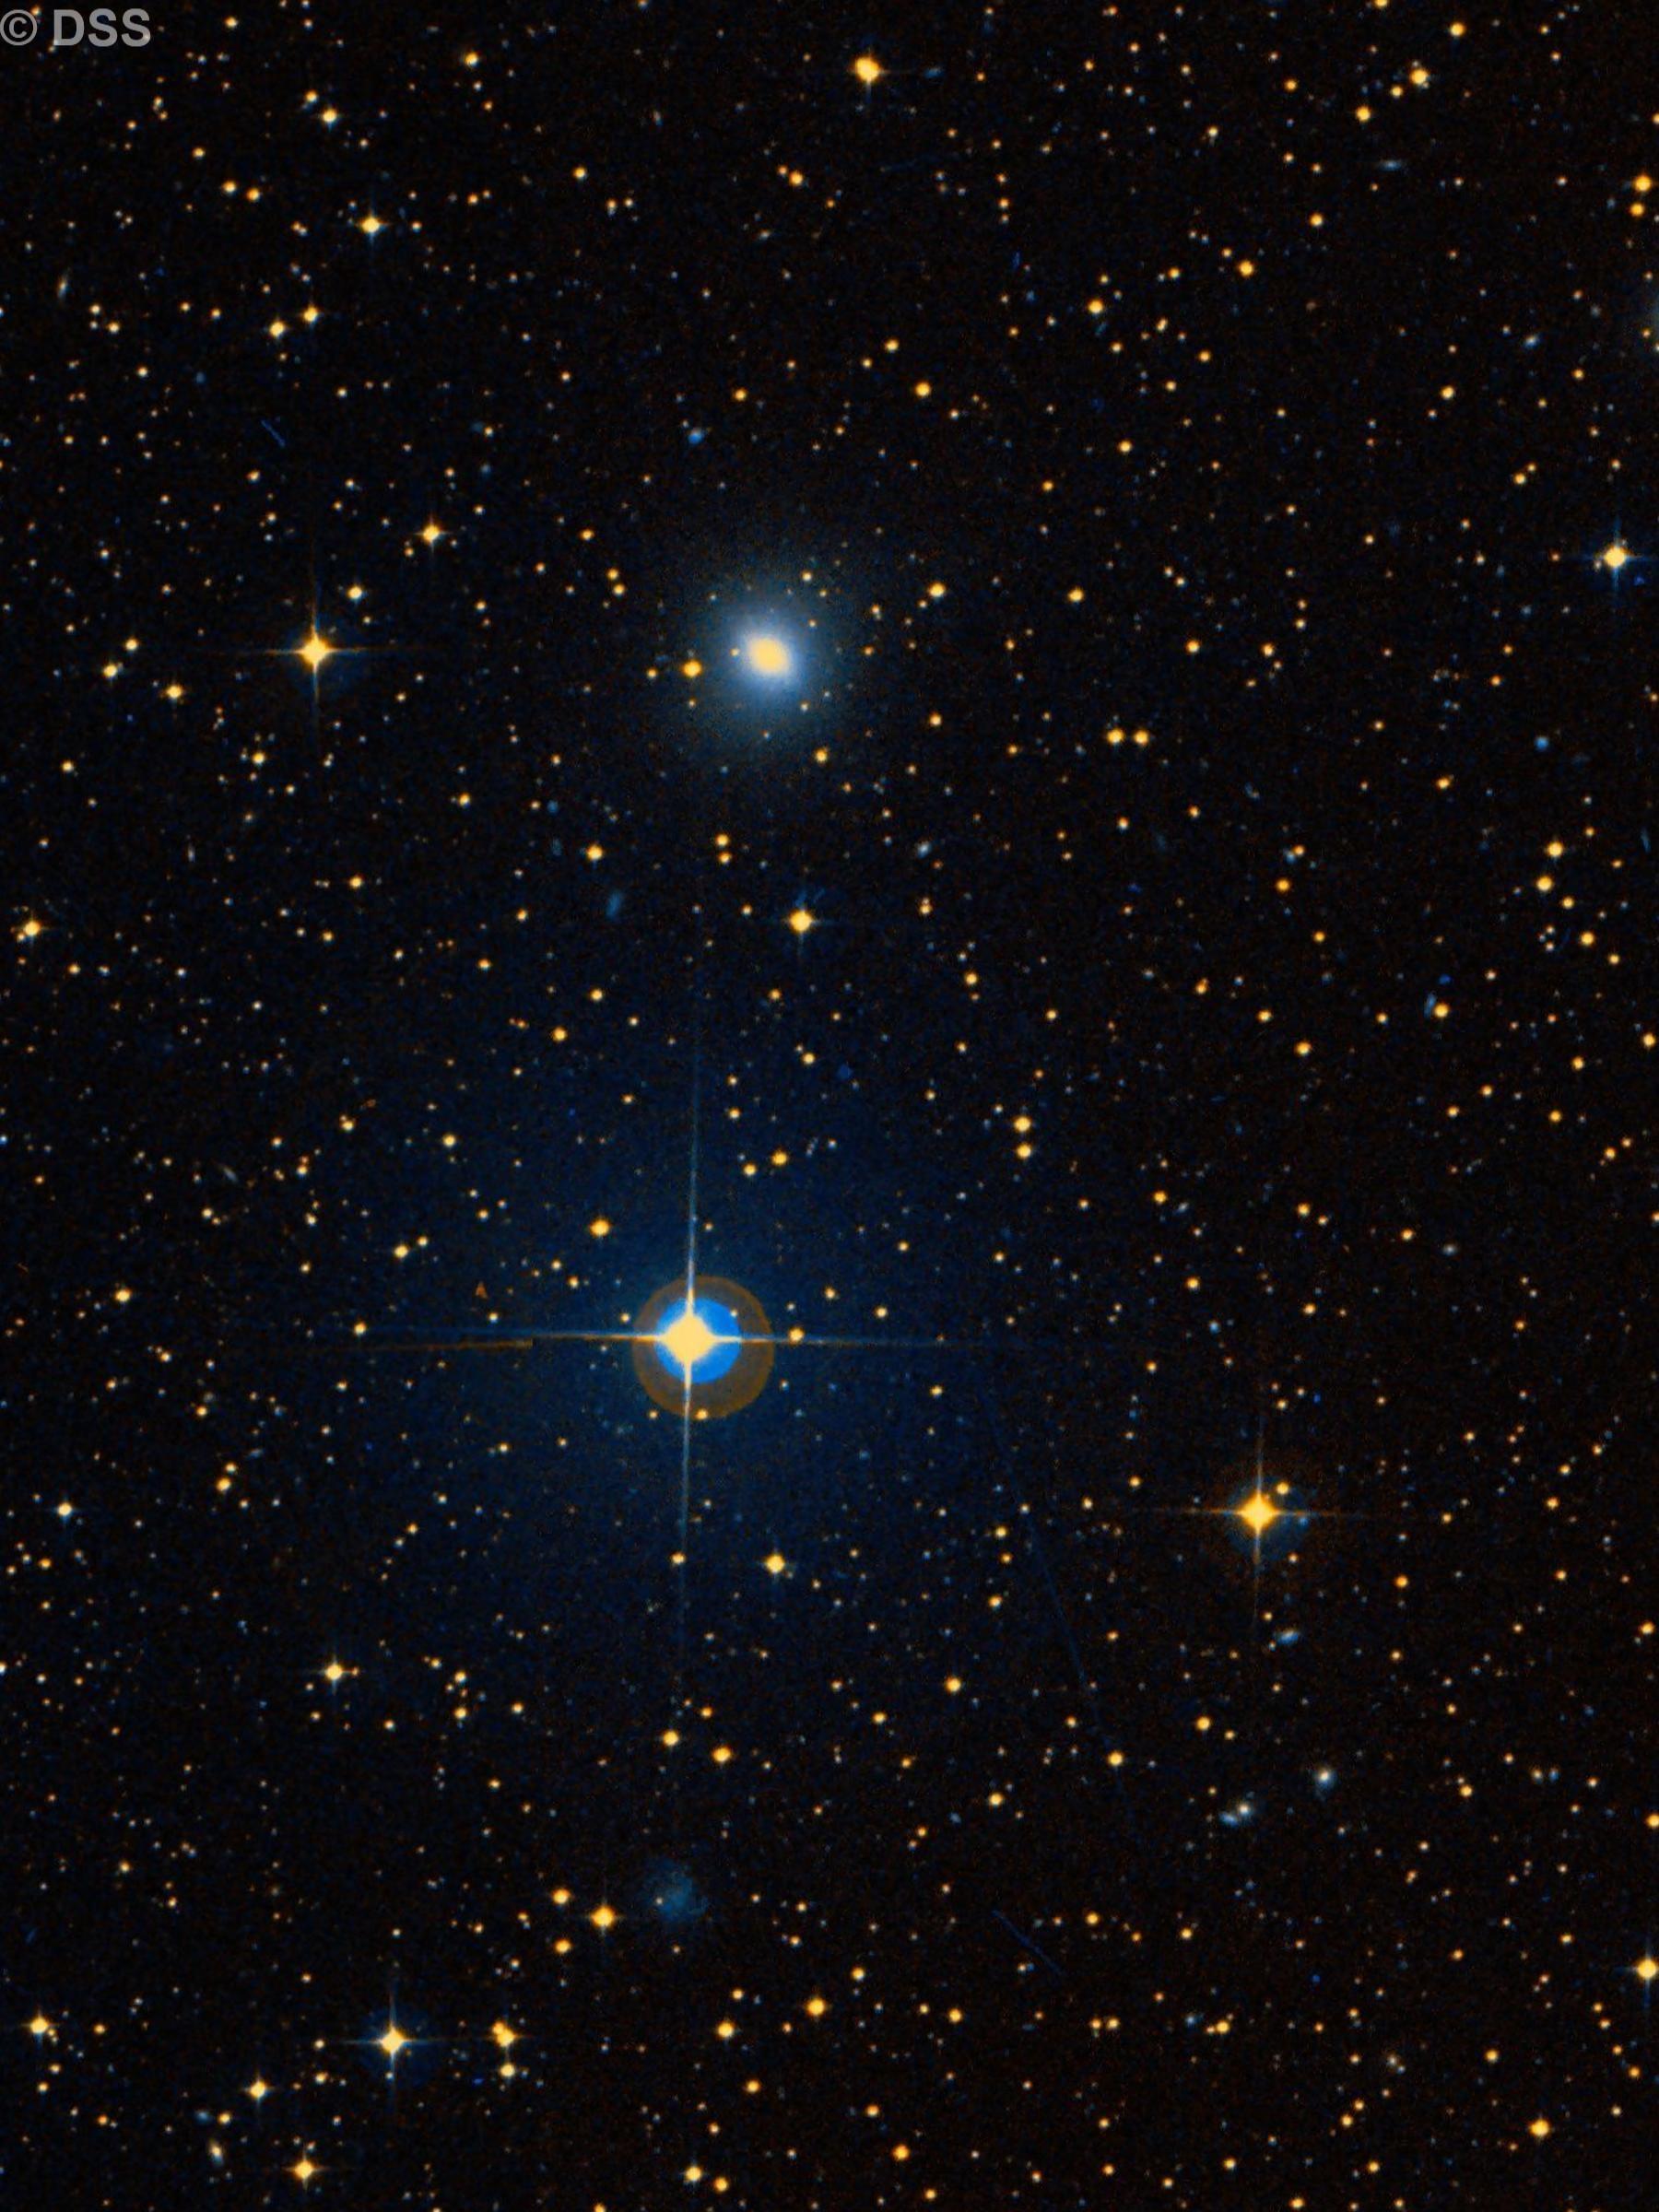 NGC 5140